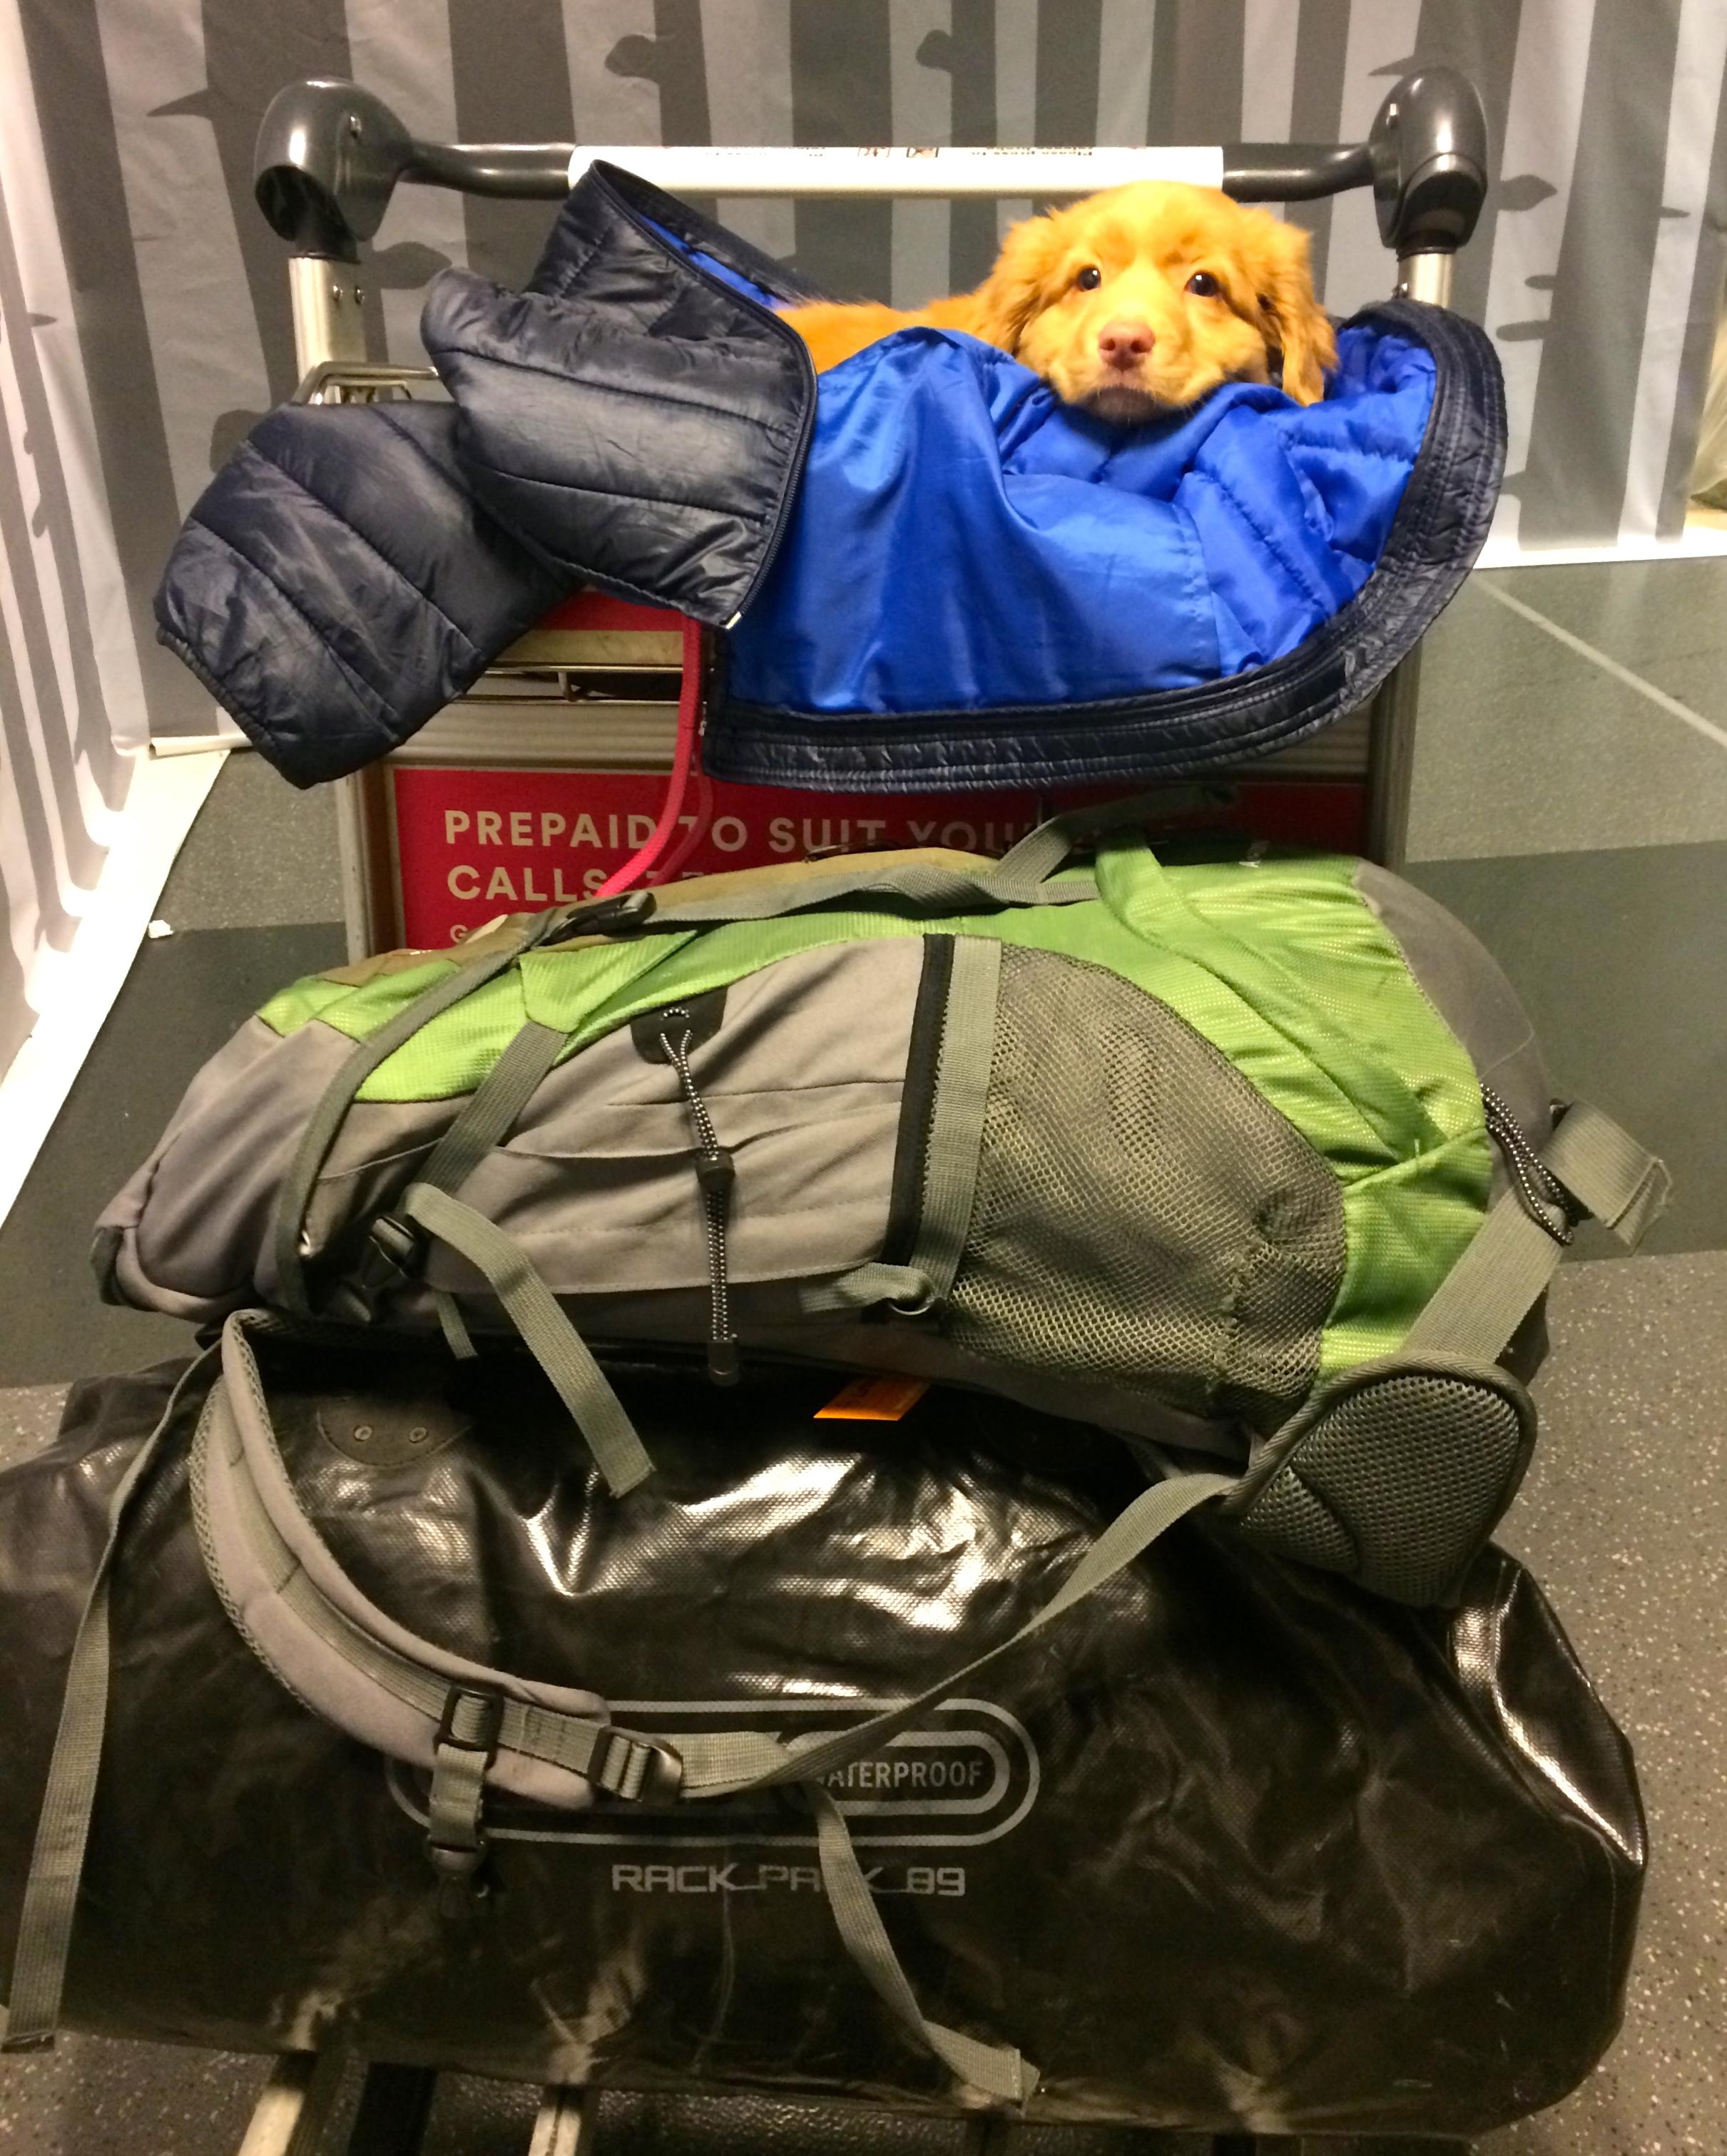 Pekan matkatavarat kulkivat HelsinkiVantaalla vahtikoiran valvonnassa :)